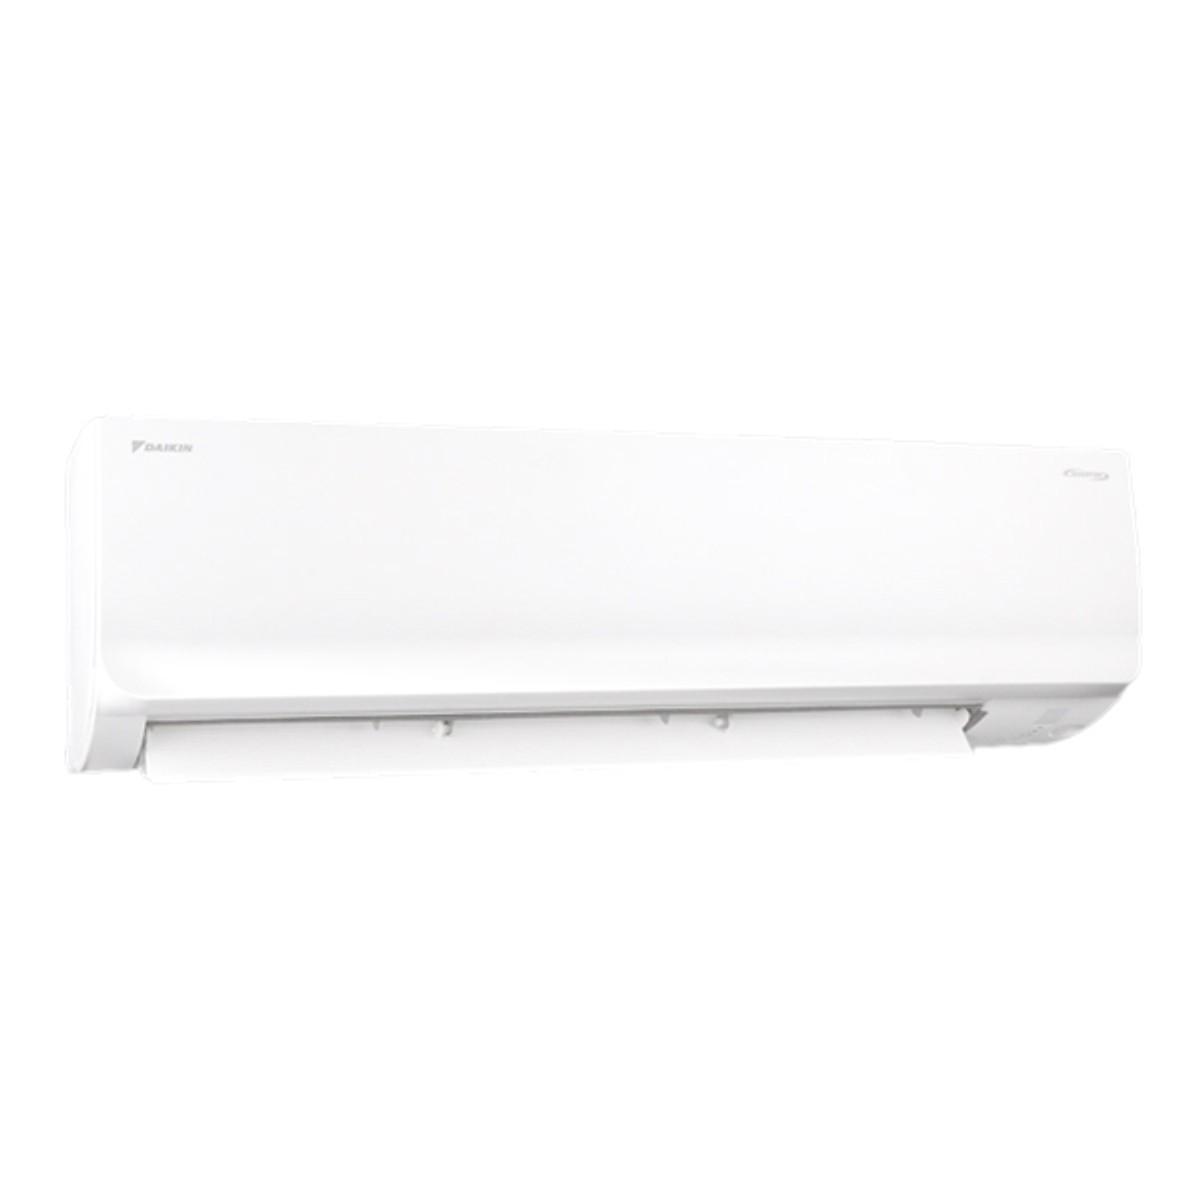 Máy lạnh Daikin Inverter 2.5 Hp FTKC60UVMV - Hàng Chính Hãng + Tặng Ê Ke Treo Máy Lạnh